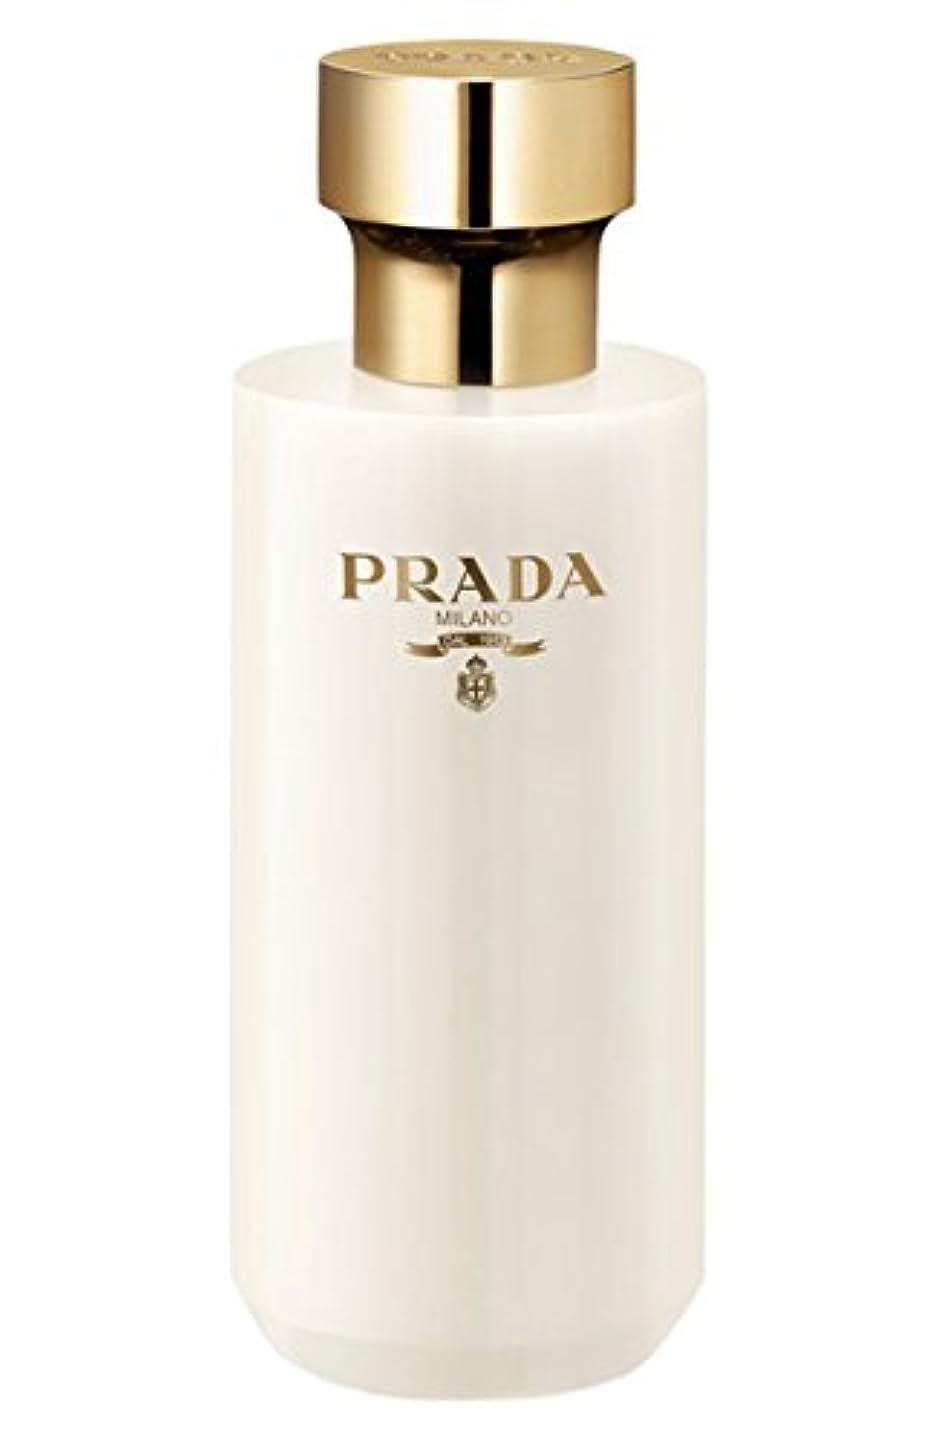 インタビューのりビールLa Femme Prada (ラ フェム プラダ) 6.7 oz (200ml) Shower Cream for Women